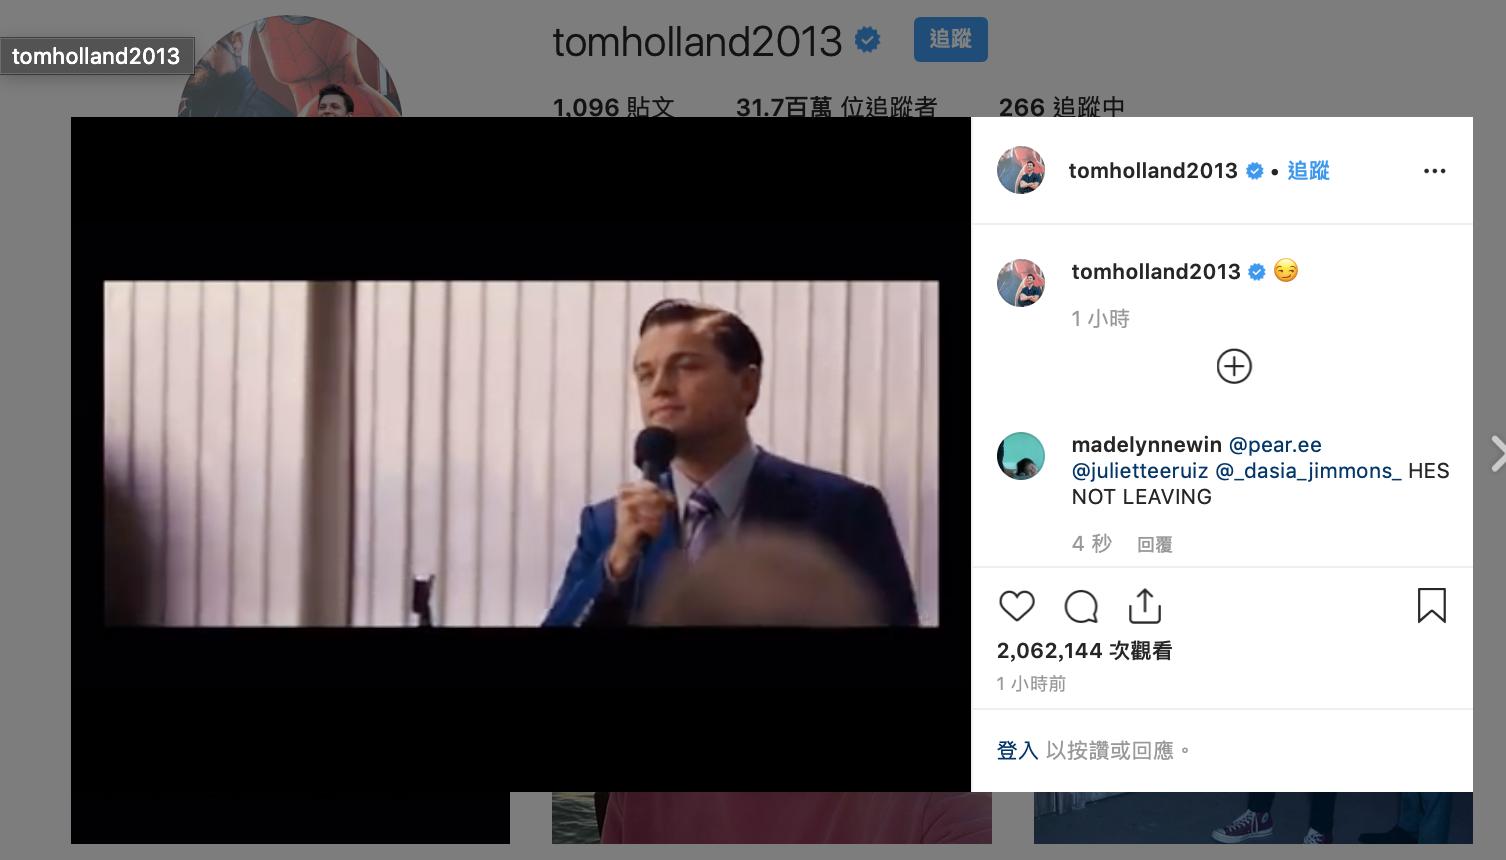 索尼漫威達成協議!將於 2020 年上映 《蜘蛛人3》